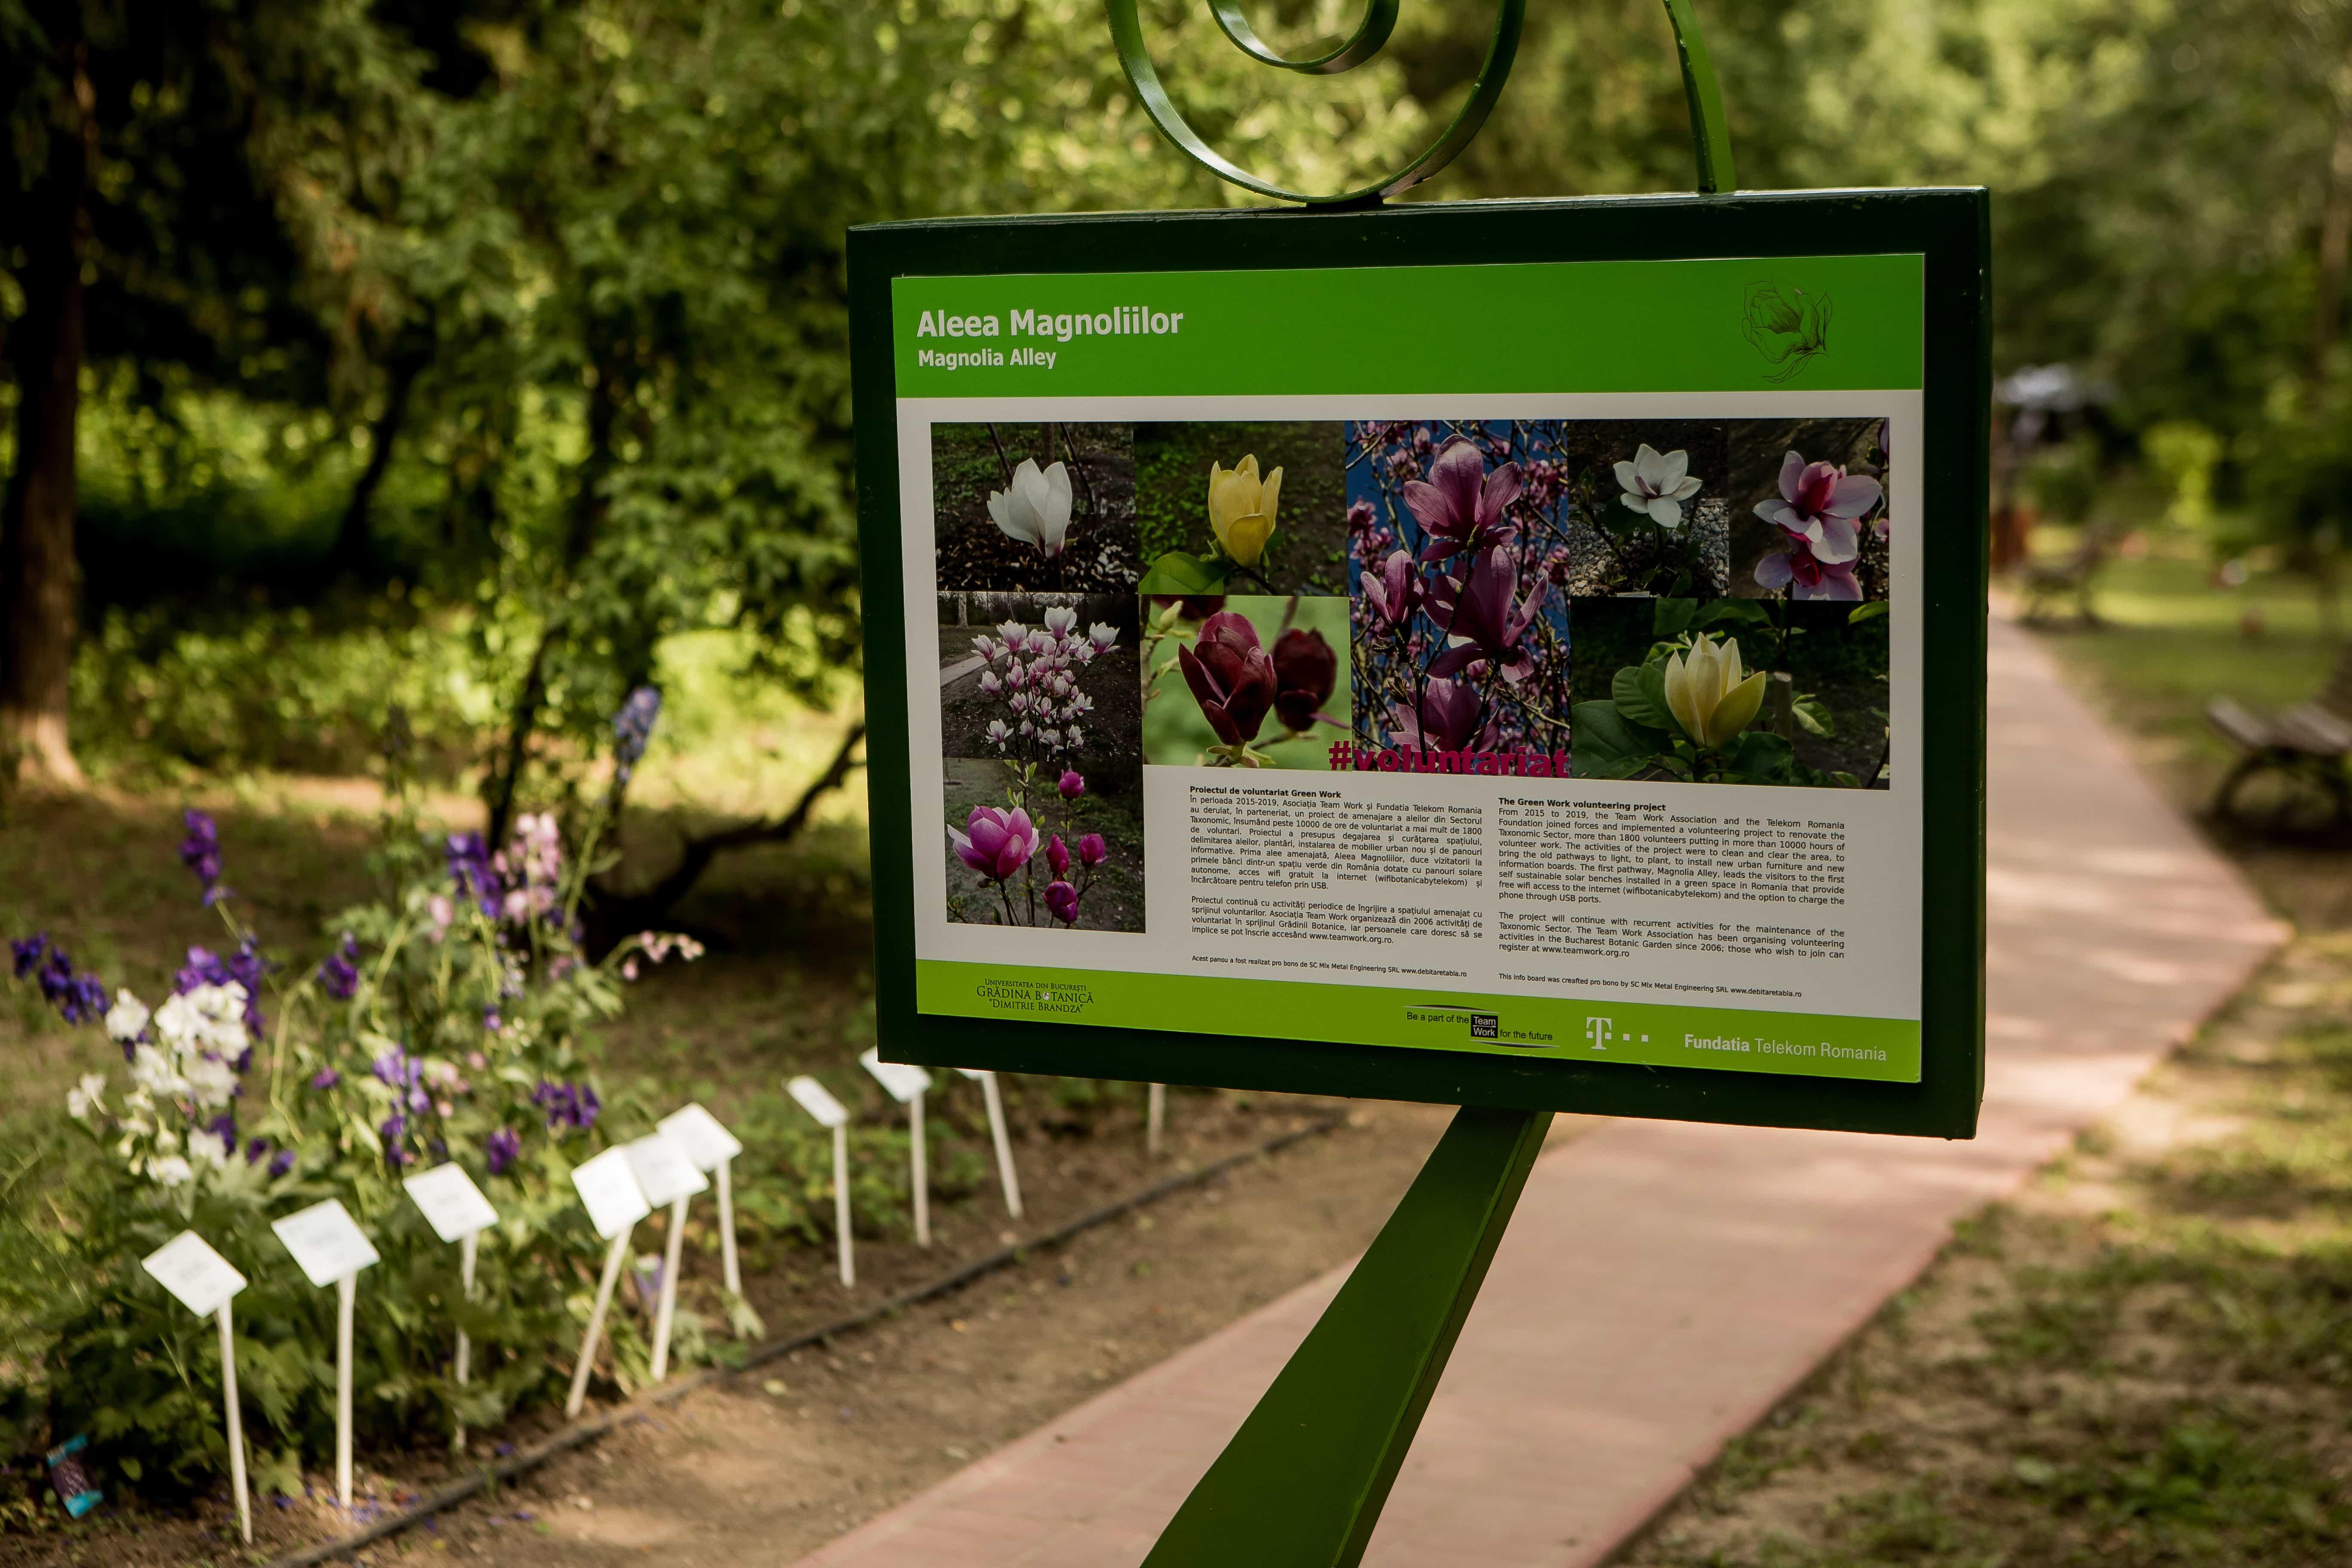 Aleea Magnoliilor